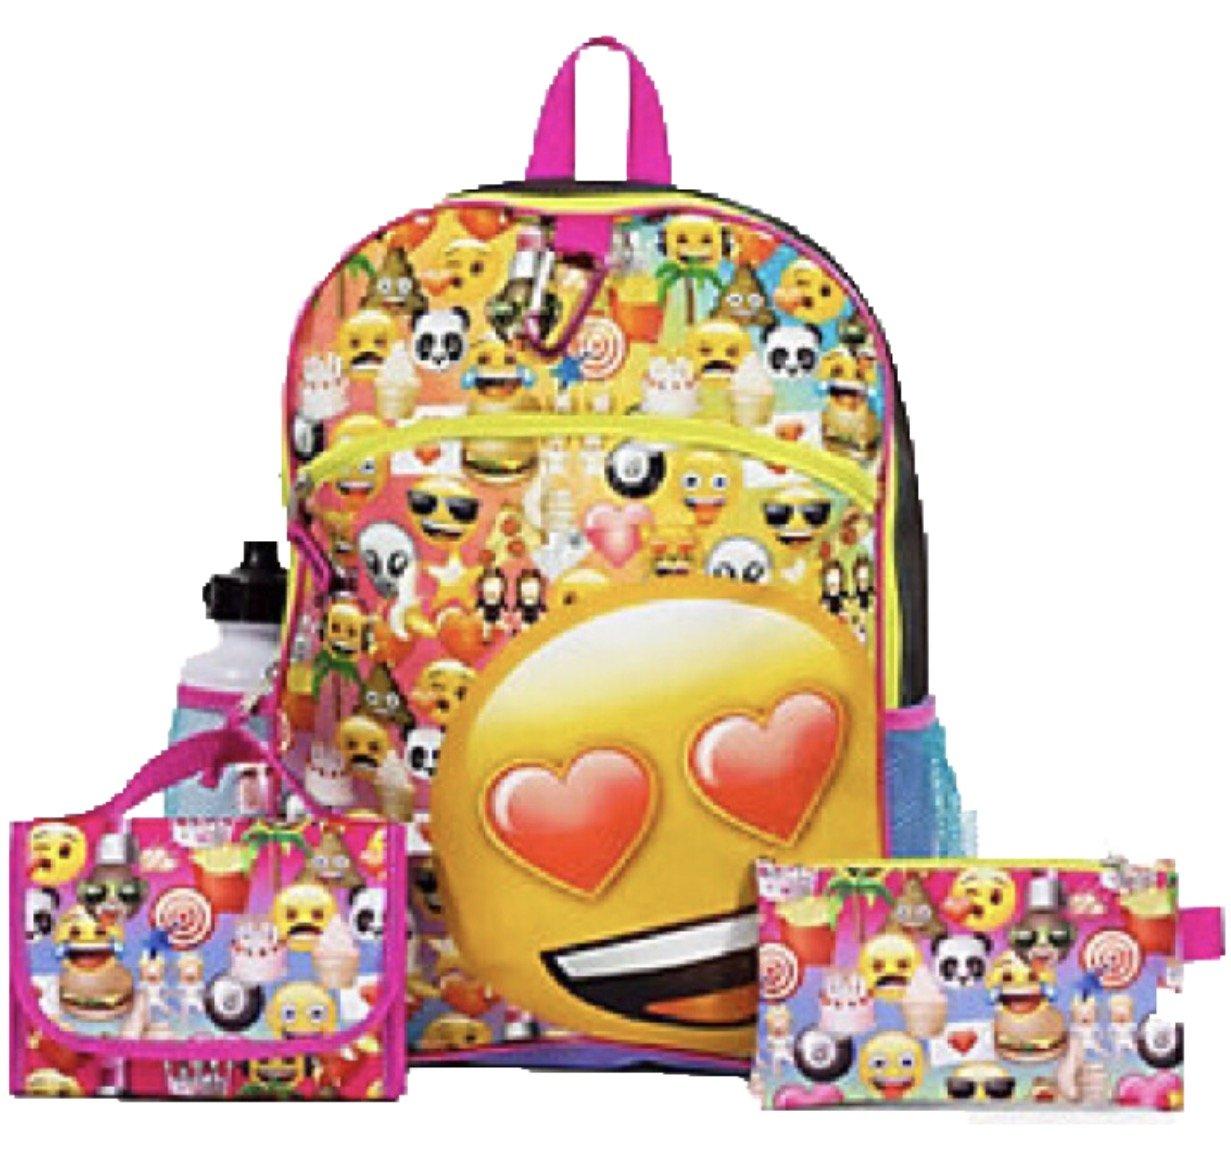 Kids絵文字5 Pieceバックパック&学校アクセサリーセット   B073BY4K28